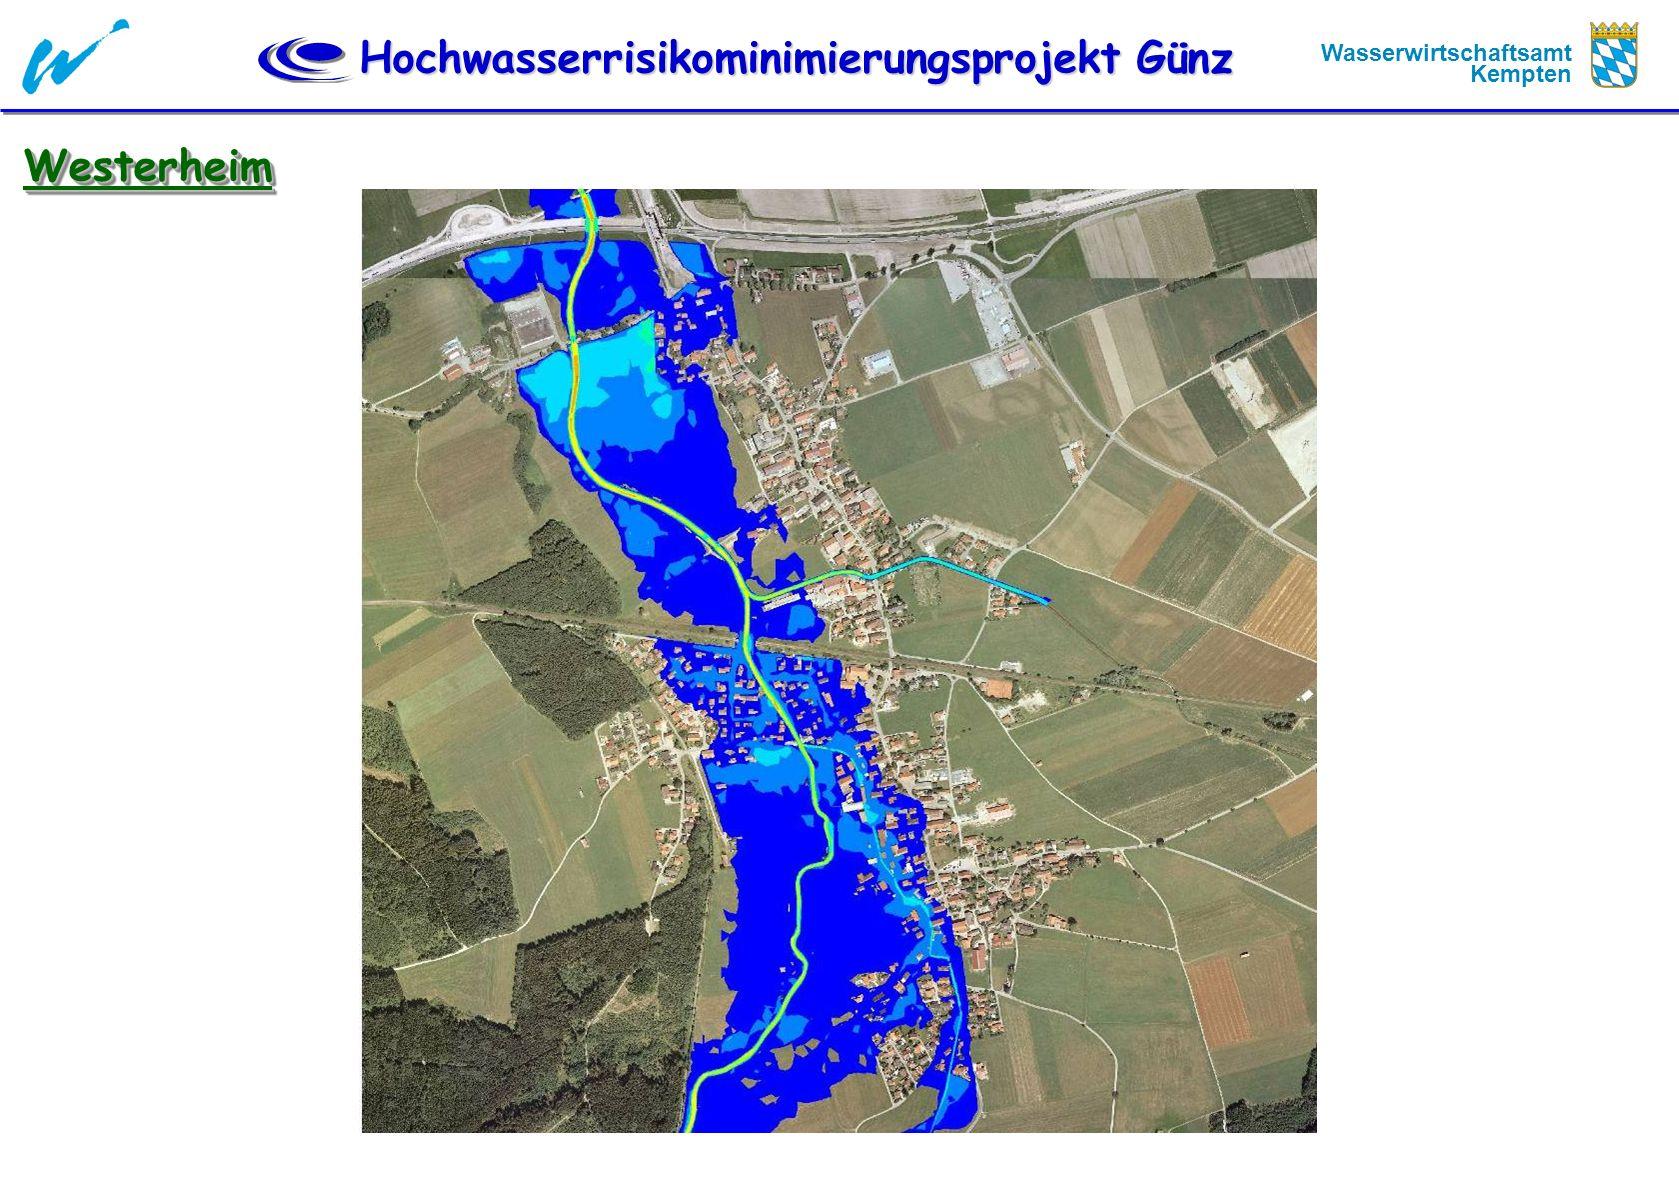 Hochwasserrisikominimierungsprojekt Günz Wasserwirtschaftsamt Kempten WesterheimWesterheim